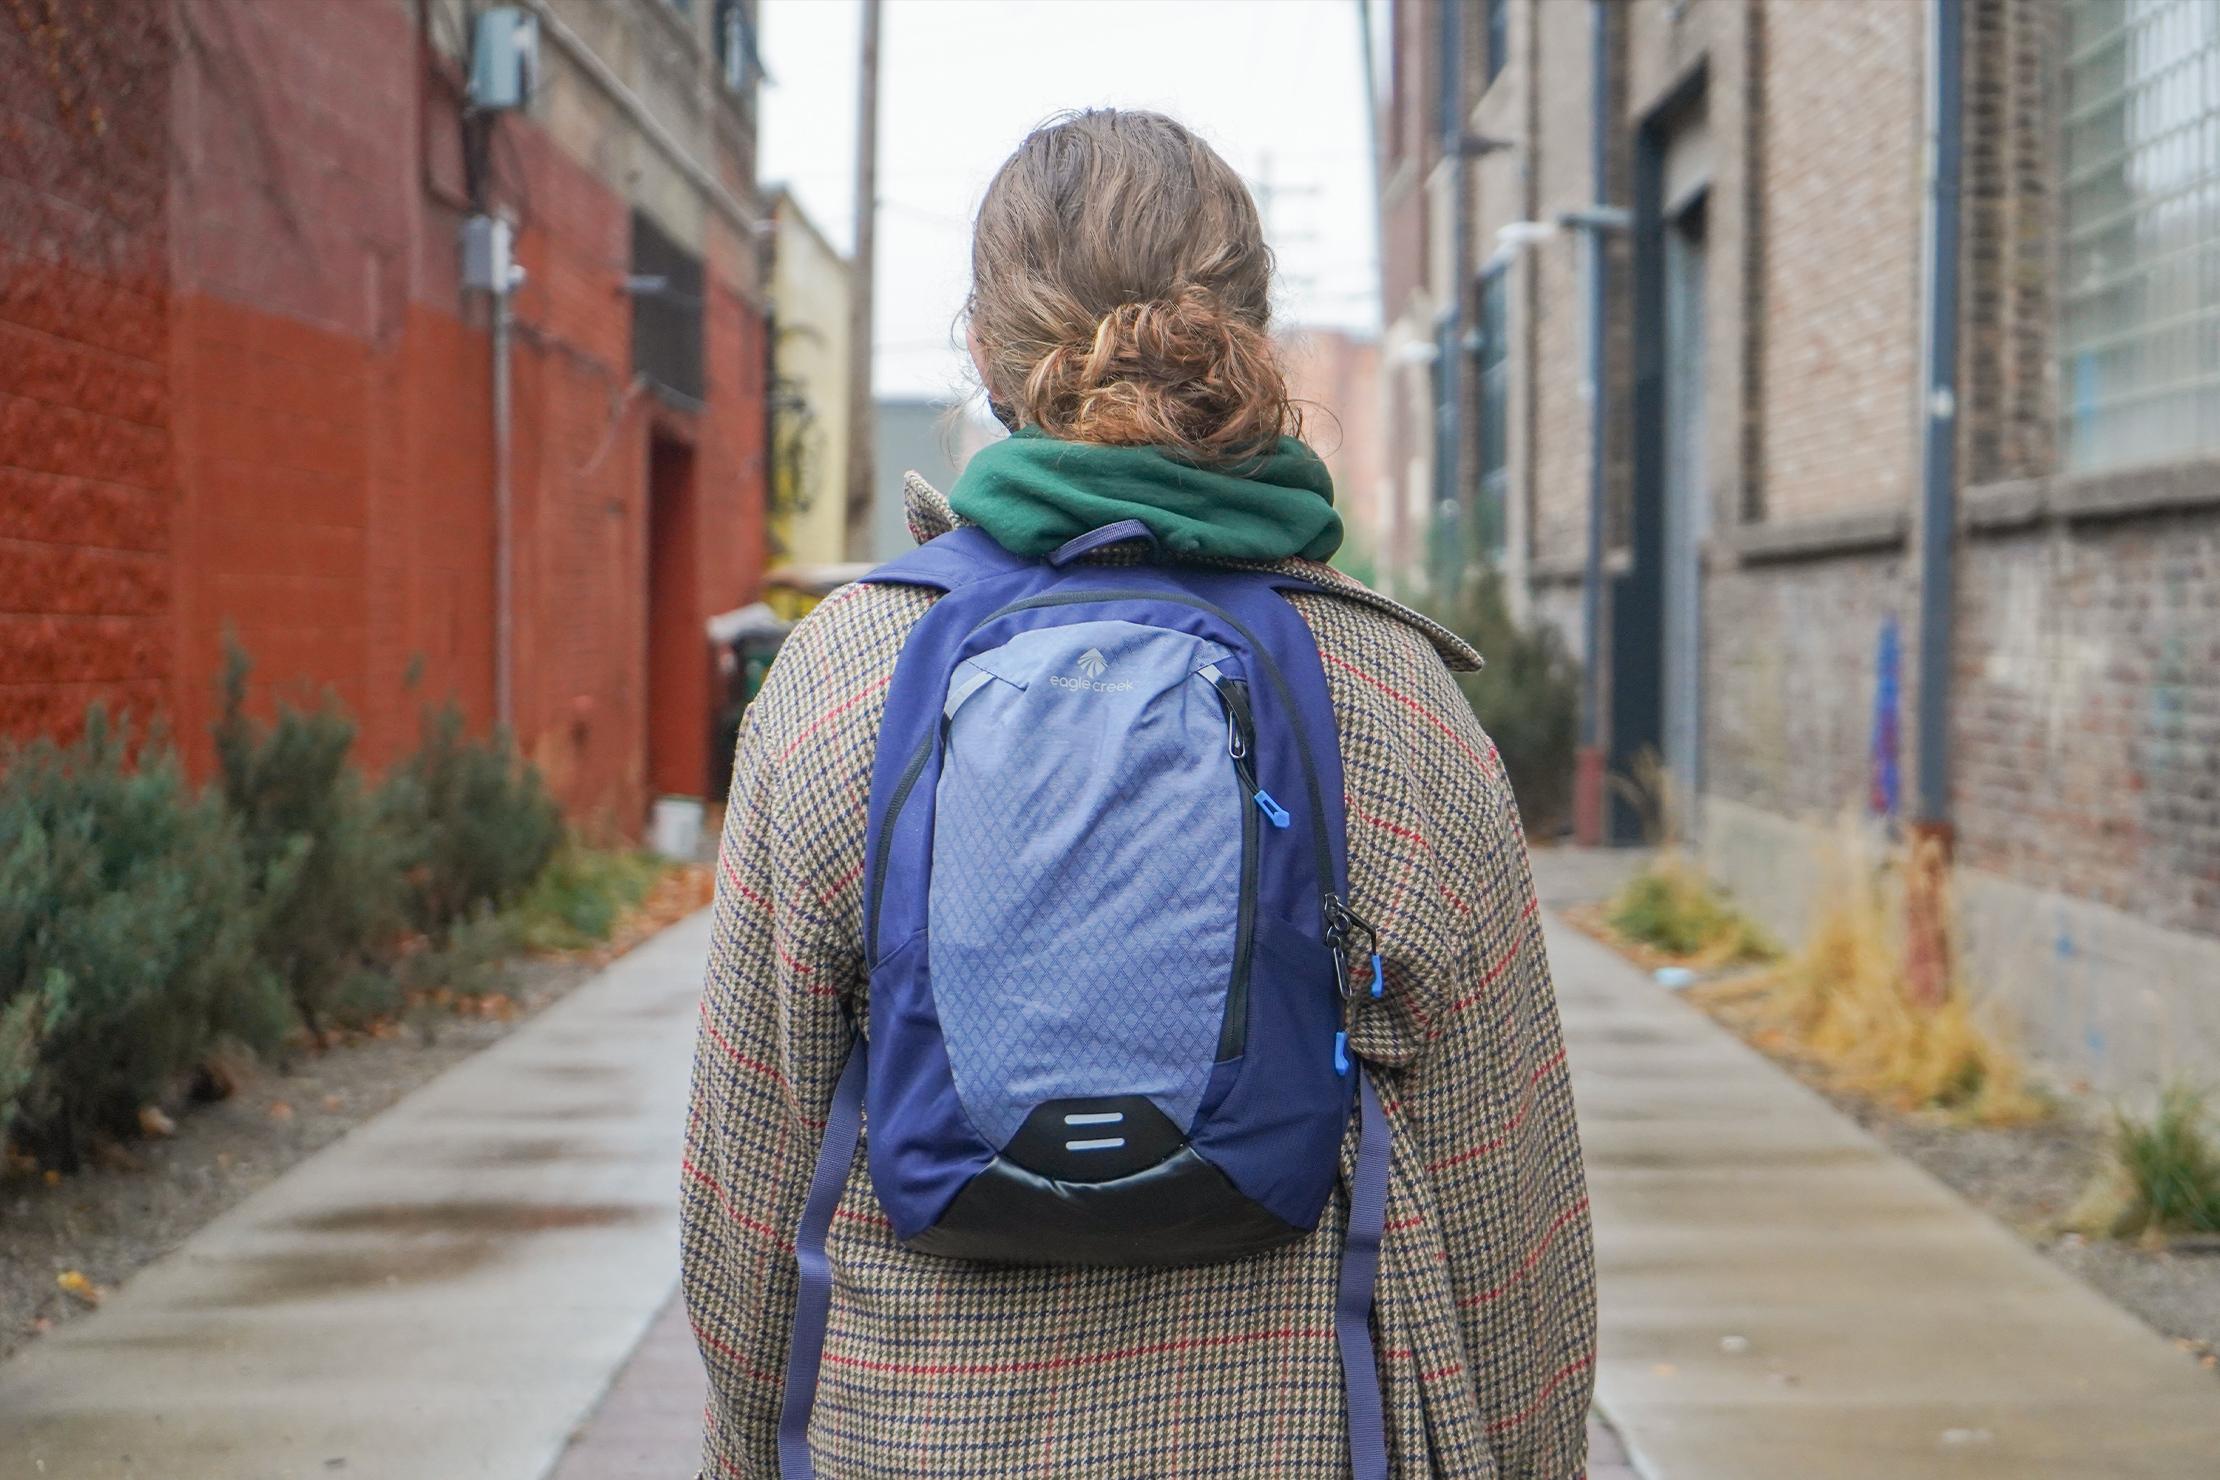 Eagle Creek Wayfinder Backpack Mini in Detroit